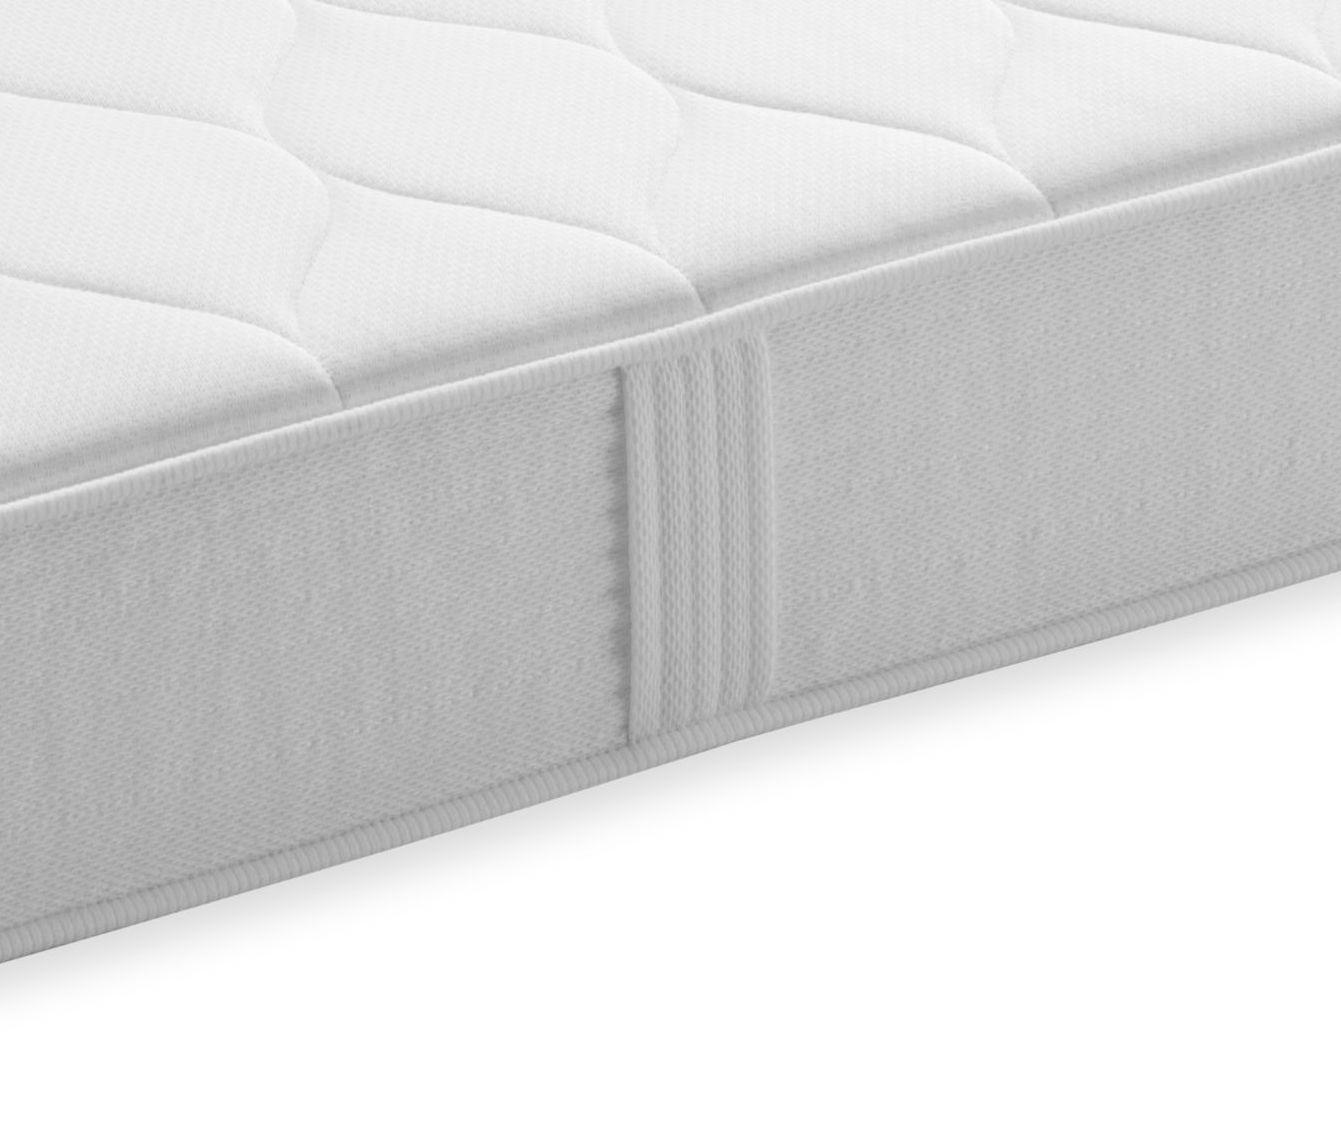 tonnentaschenfederkern matratze mit 5 liegezonen pan basic. Black Bedroom Furniture Sets. Home Design Ideas